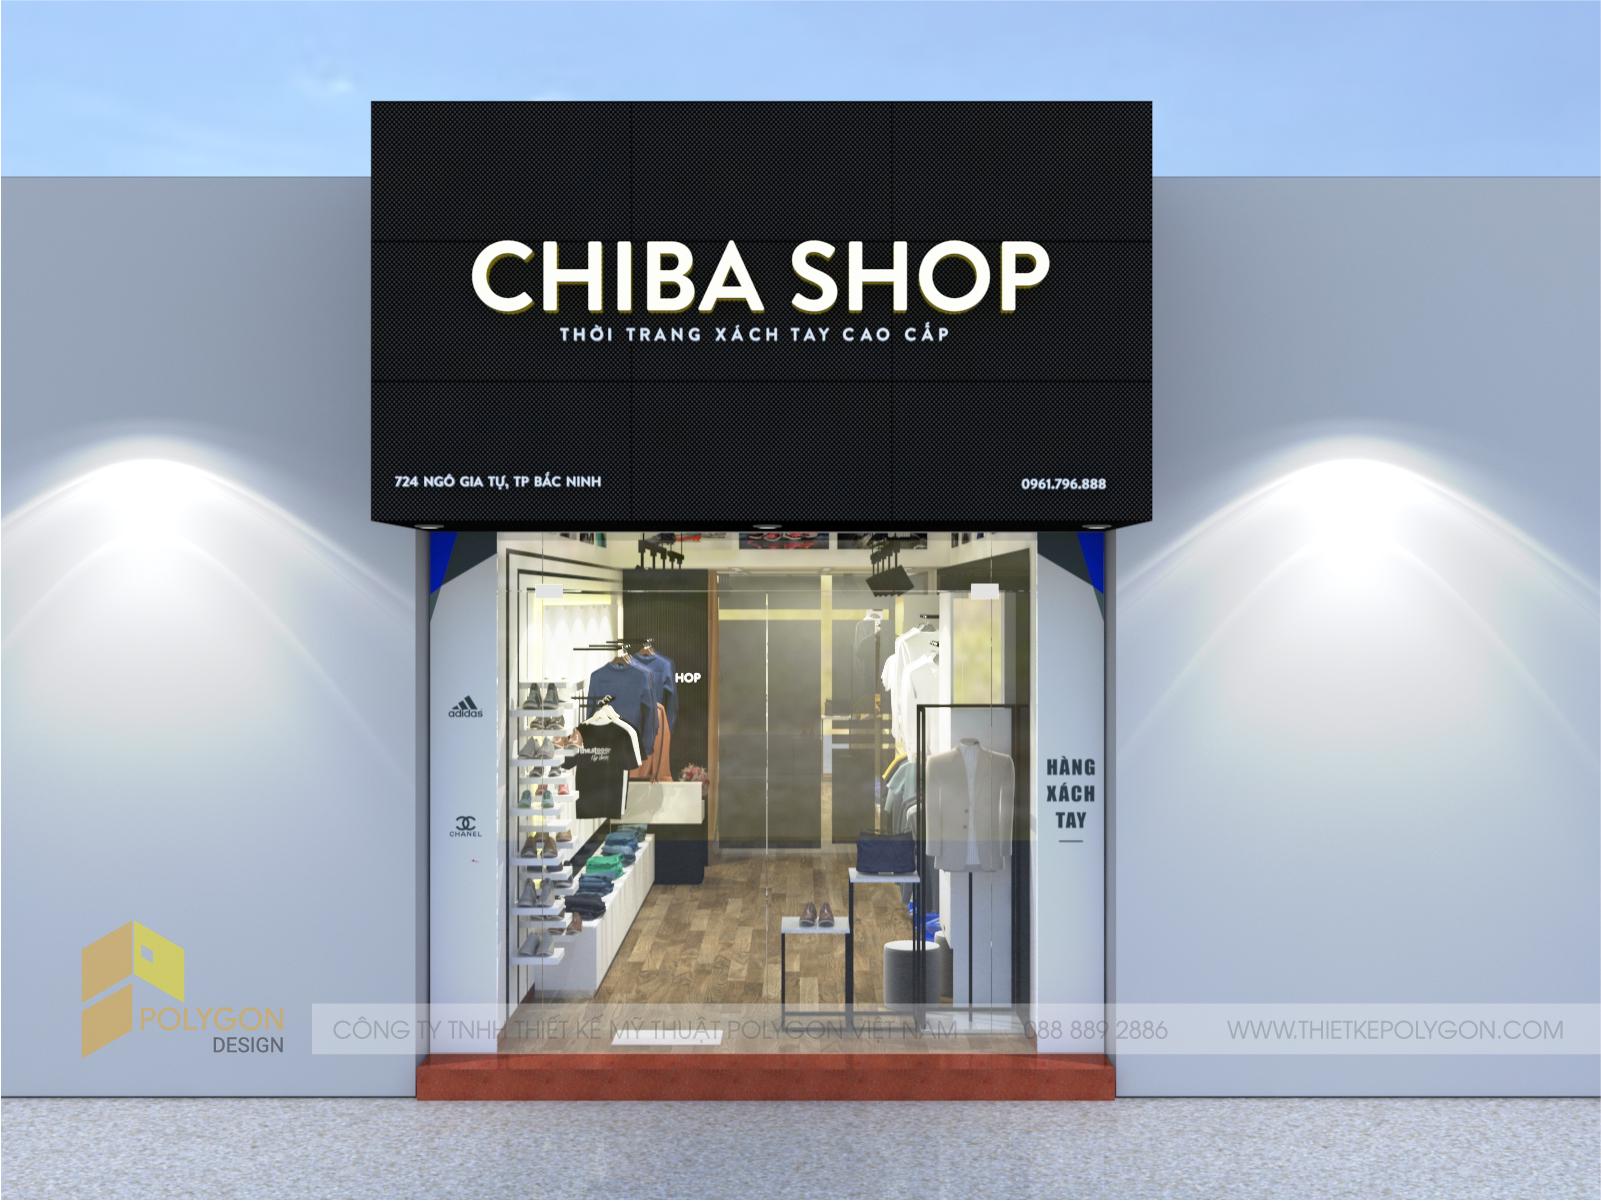 CHIBA SHOP